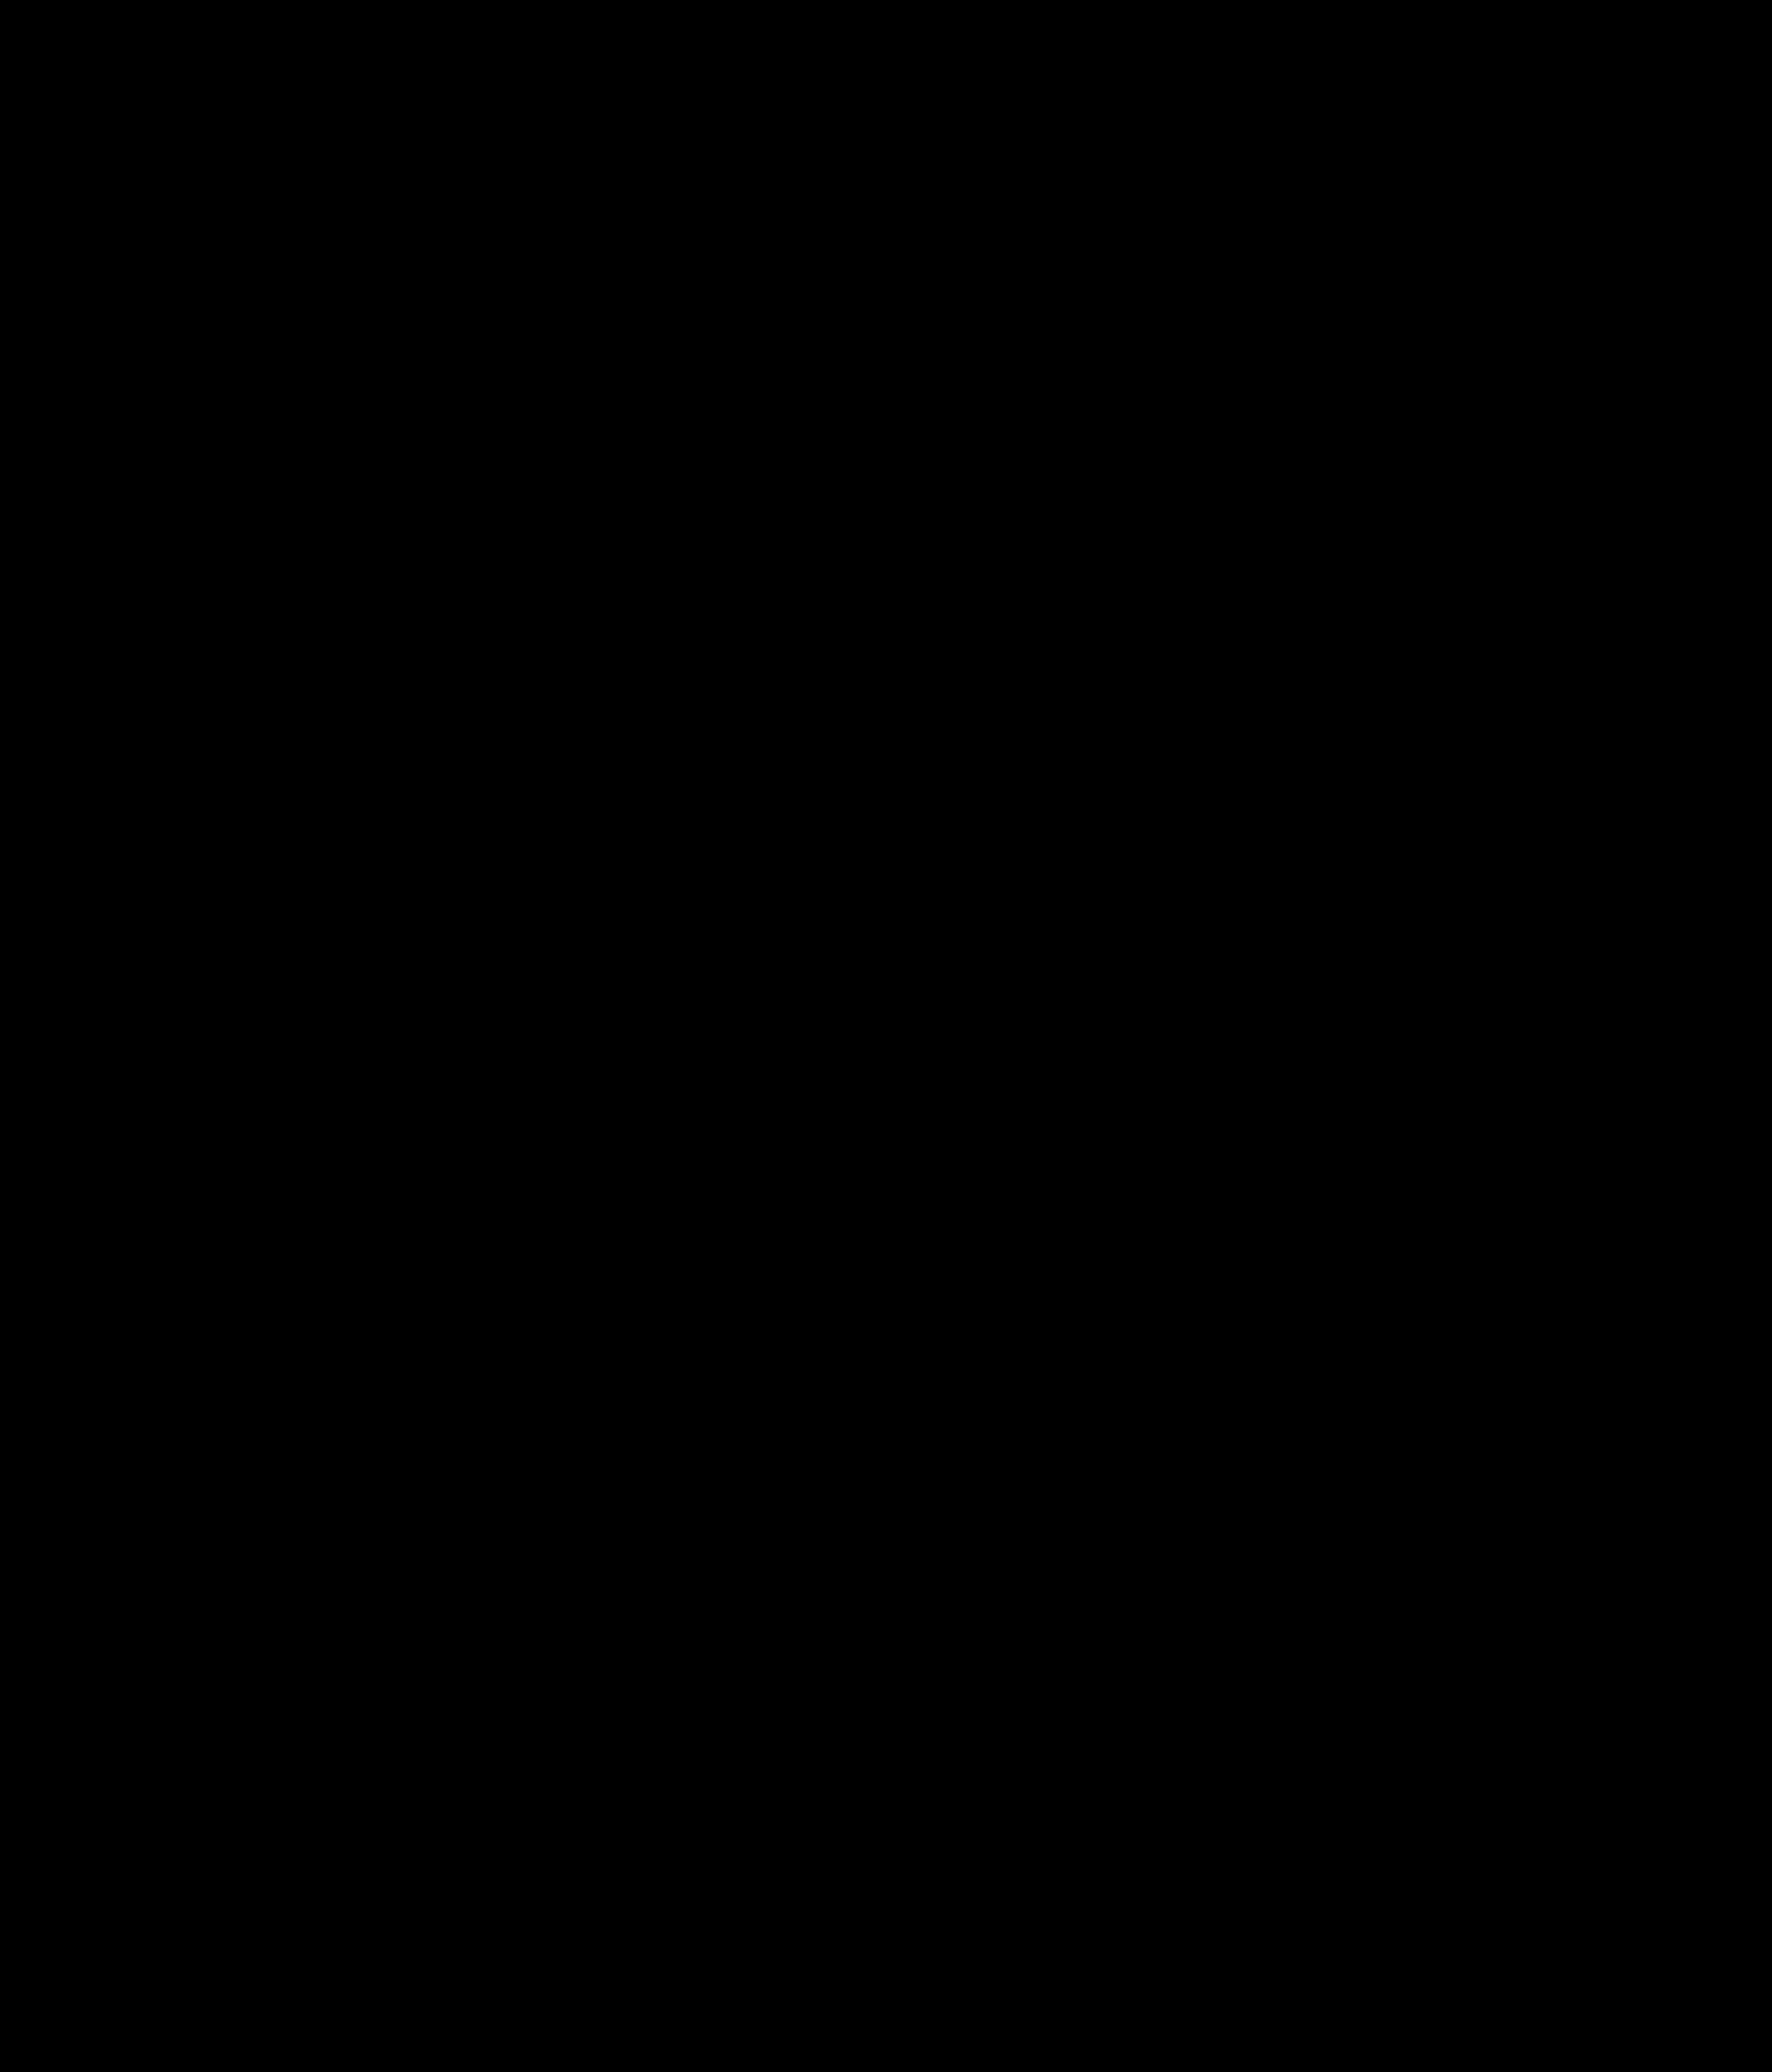 Modificacion N.º1 del PIREX 2016_2022 versión definitiva